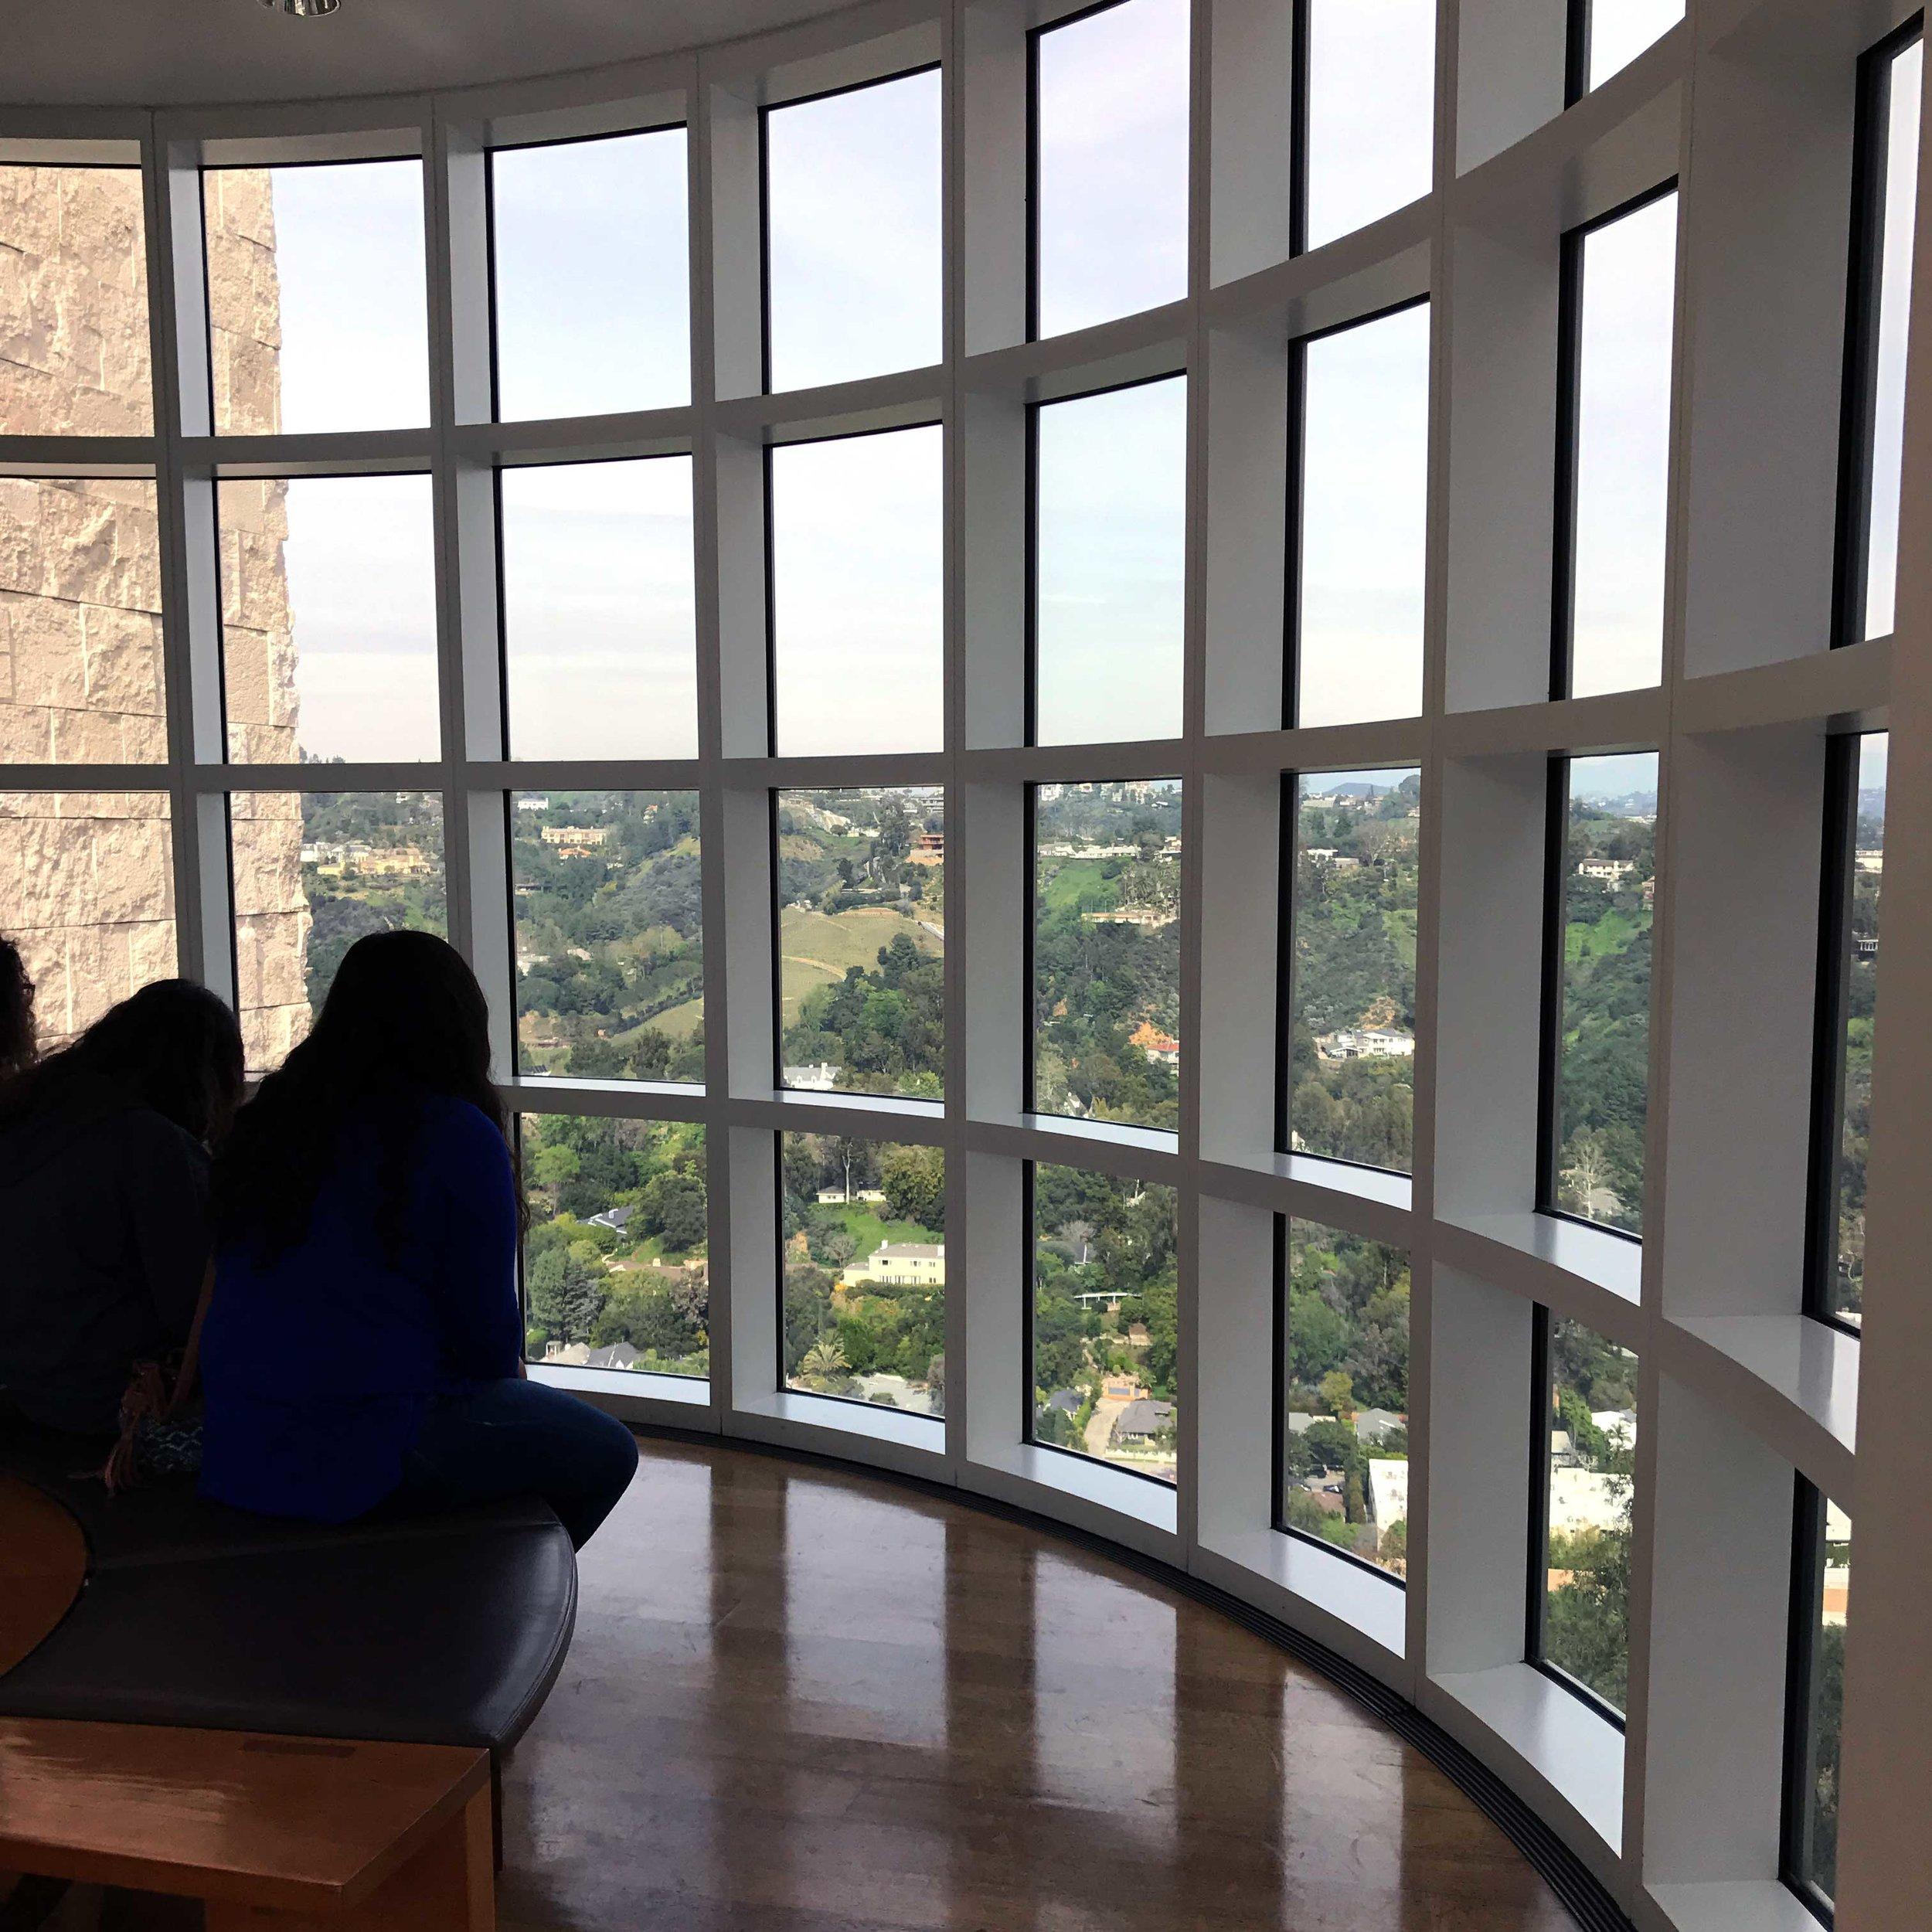 Window between pavilions